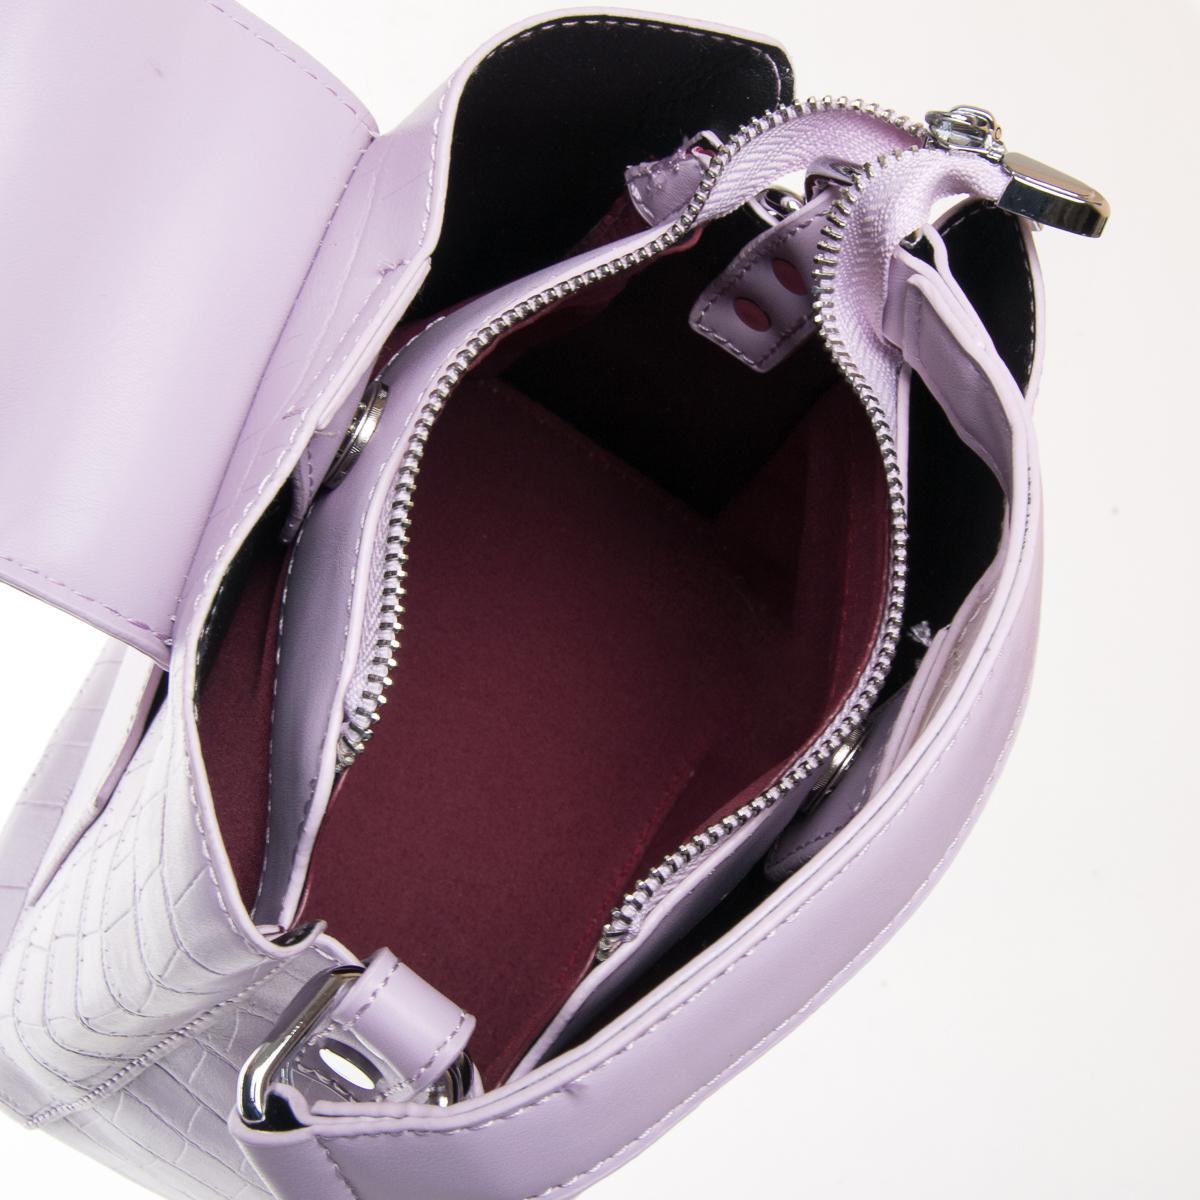 Сумка Женская Классическая иск-кожа FASHION 01-03 16905 purple - фото 5